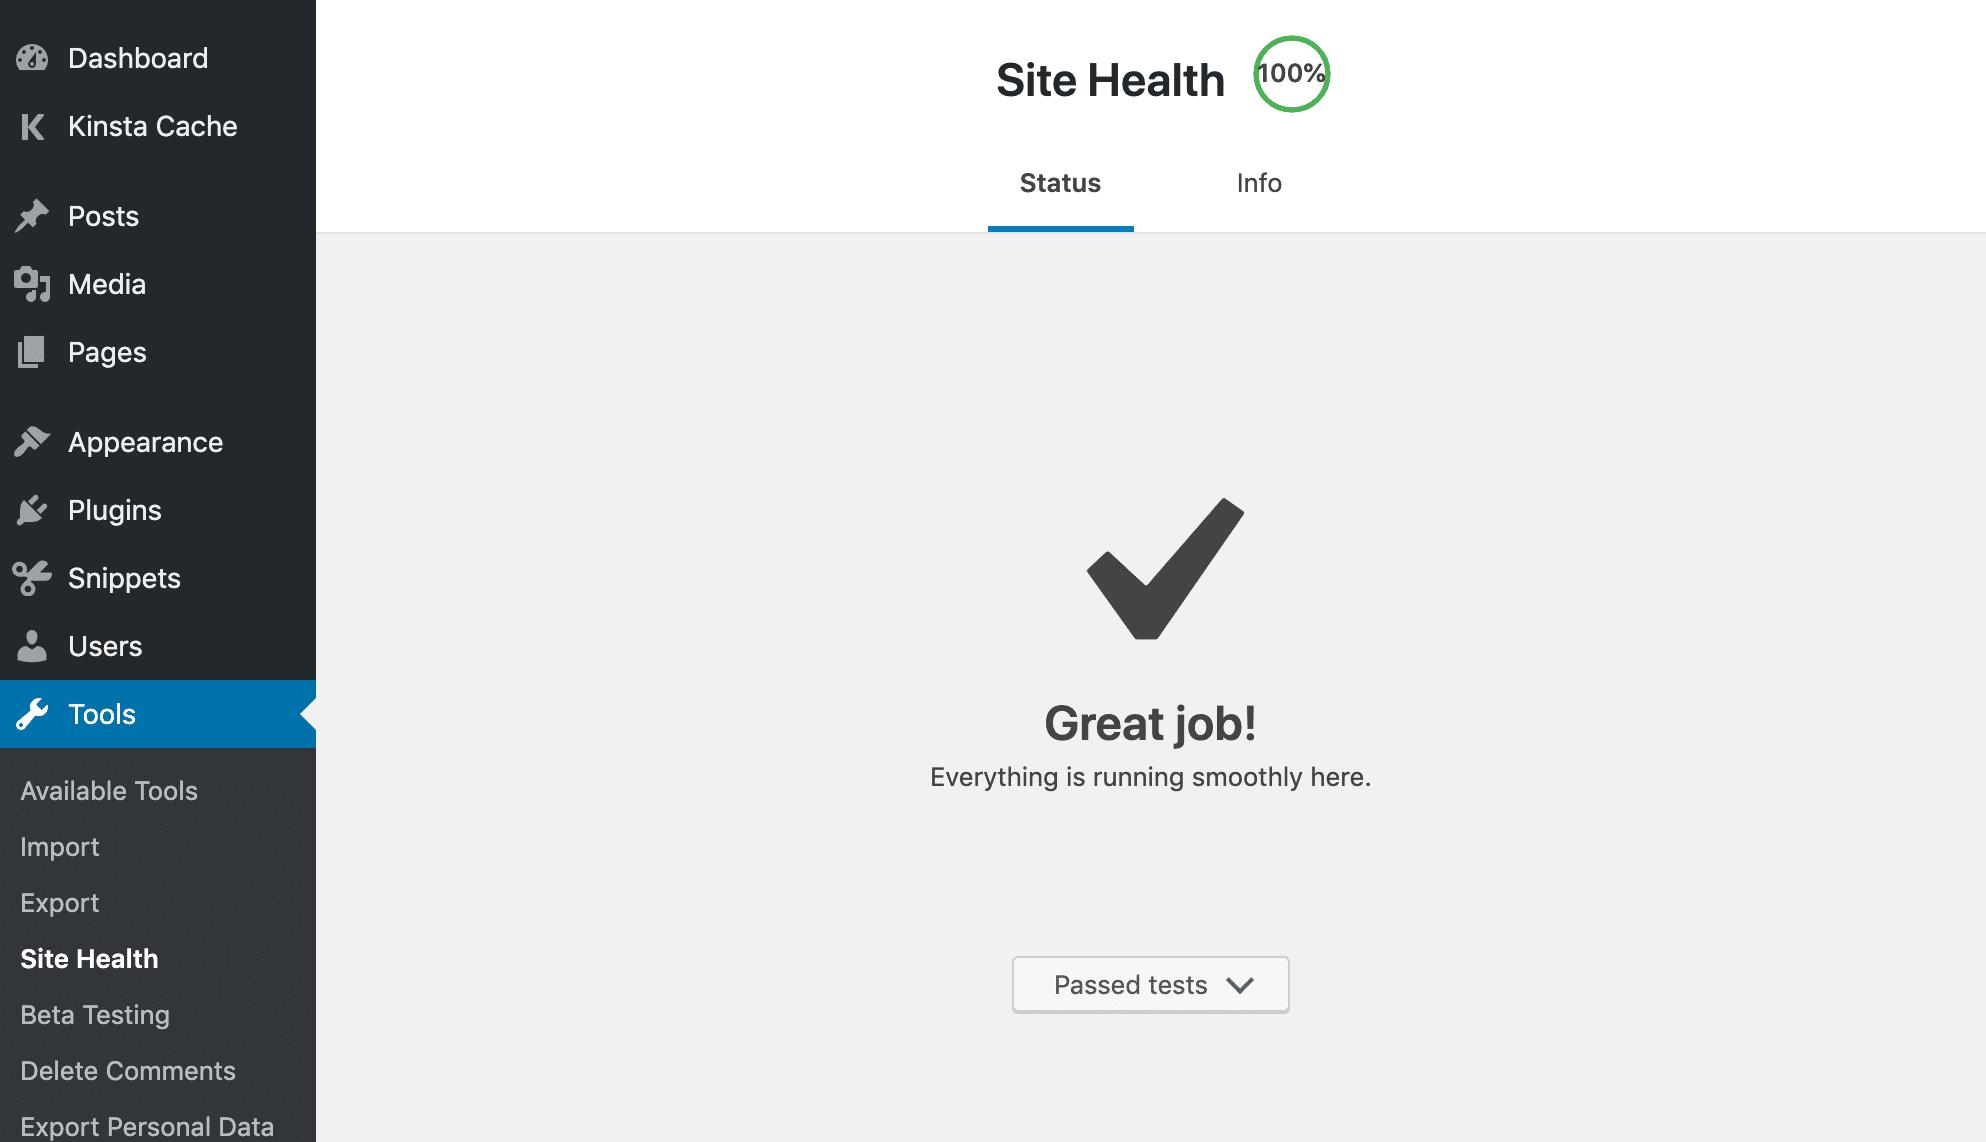 Site Health di WordPress - punteggio 100%